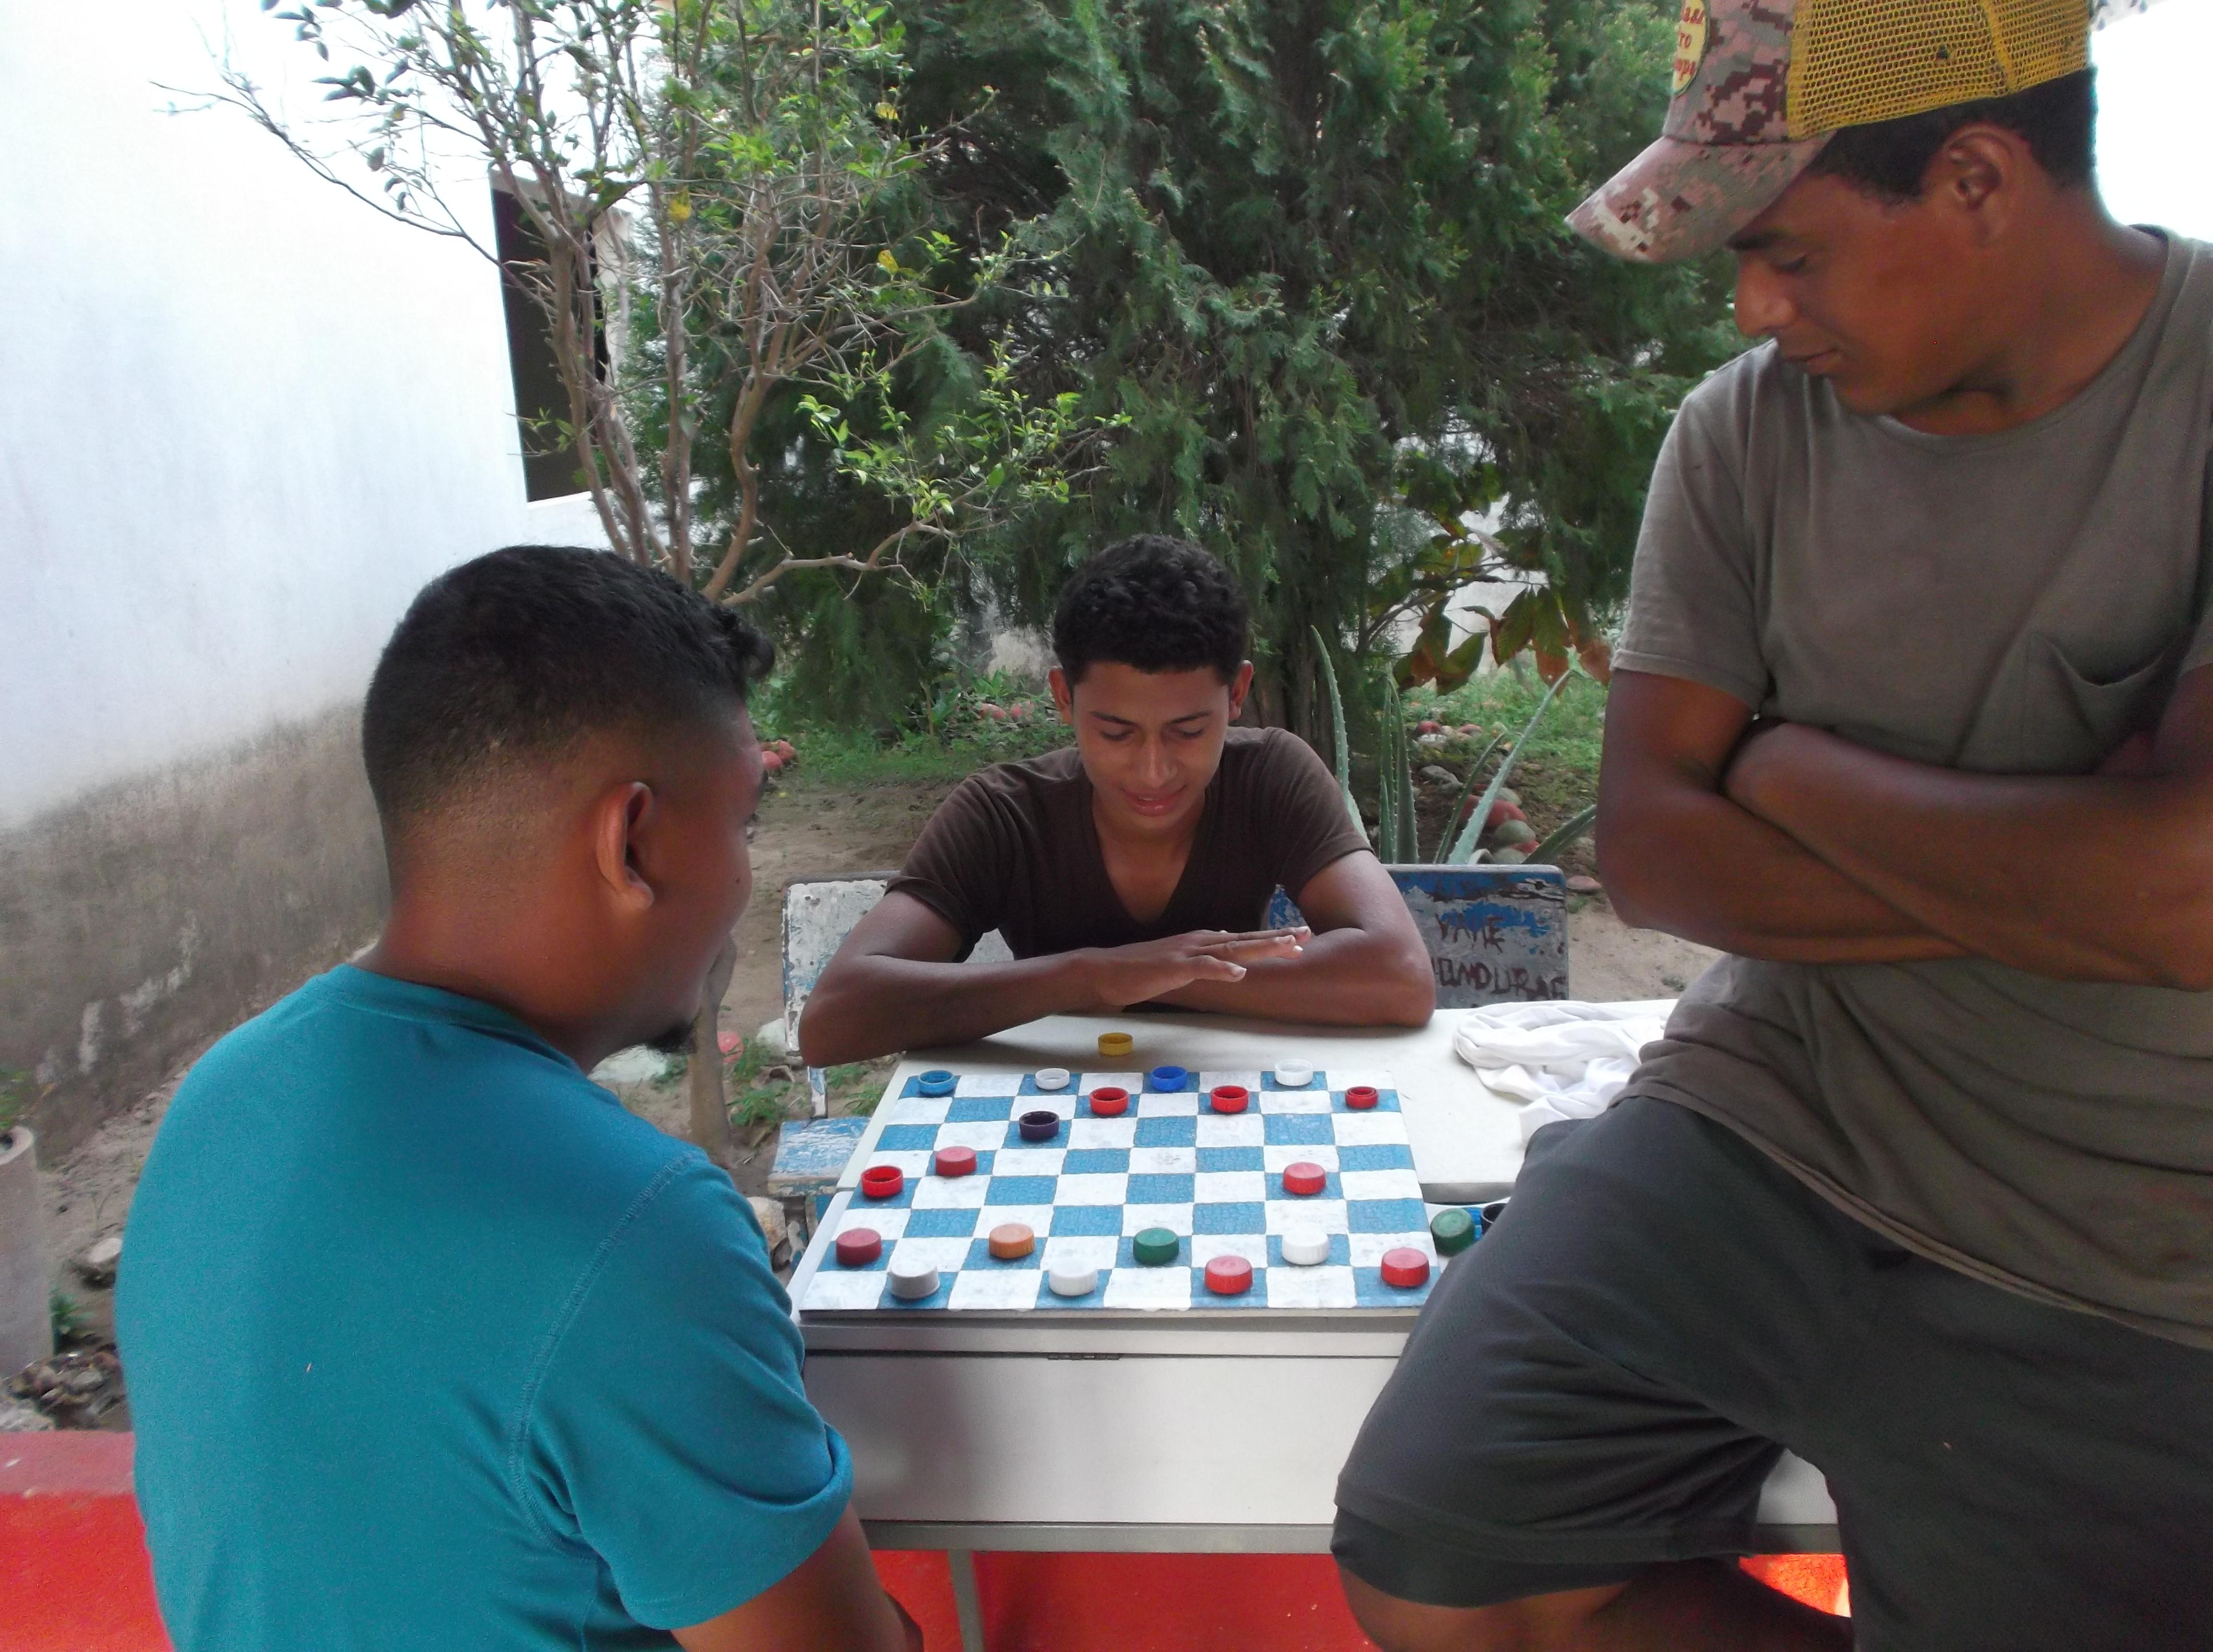 """Entreteniéndose en la """"Casa del Migrante"""" en Arriaga - MIGRACIÓN"""